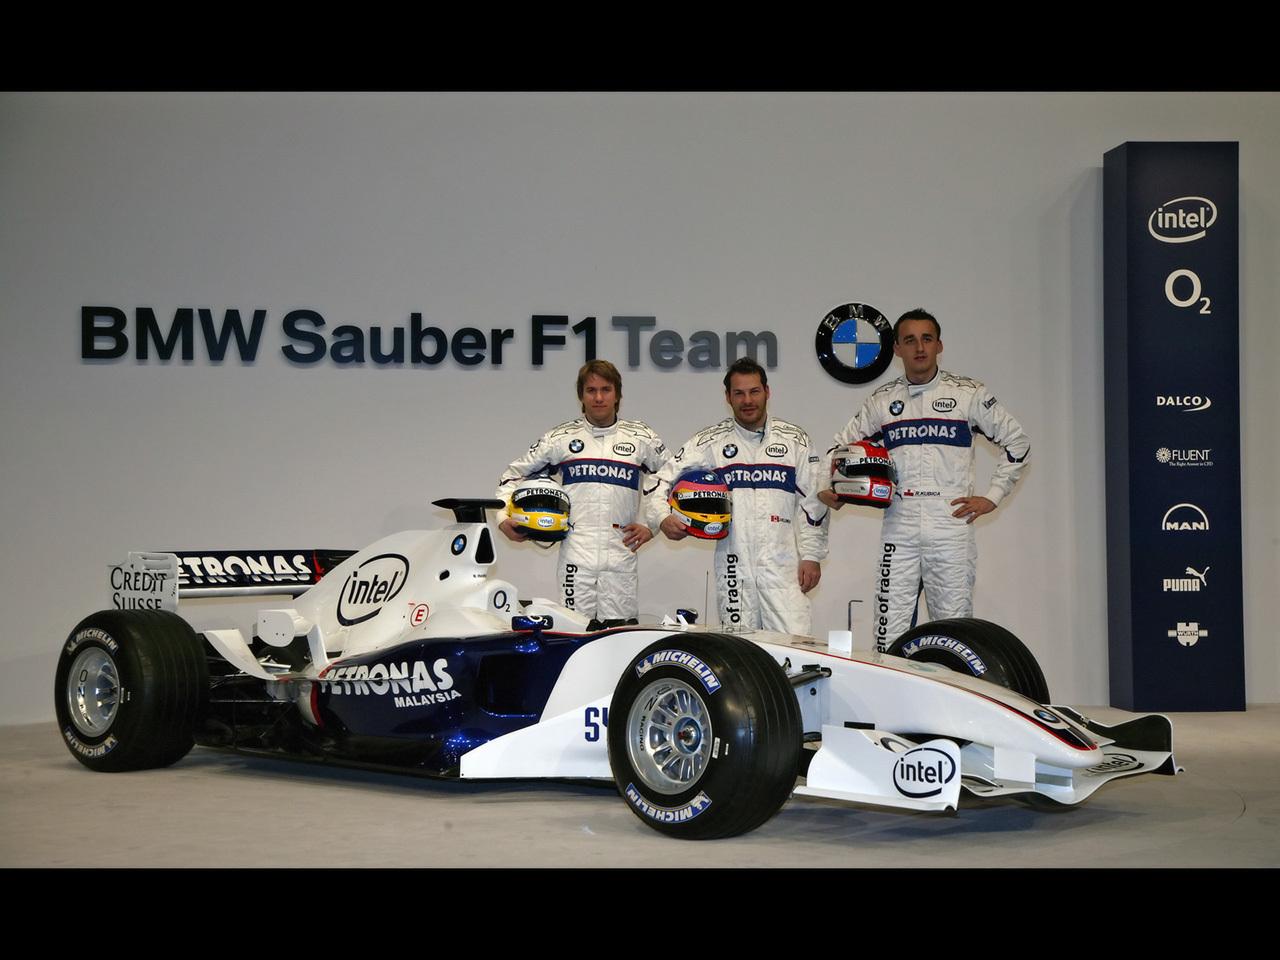 BMW Sauber Presentación 2006